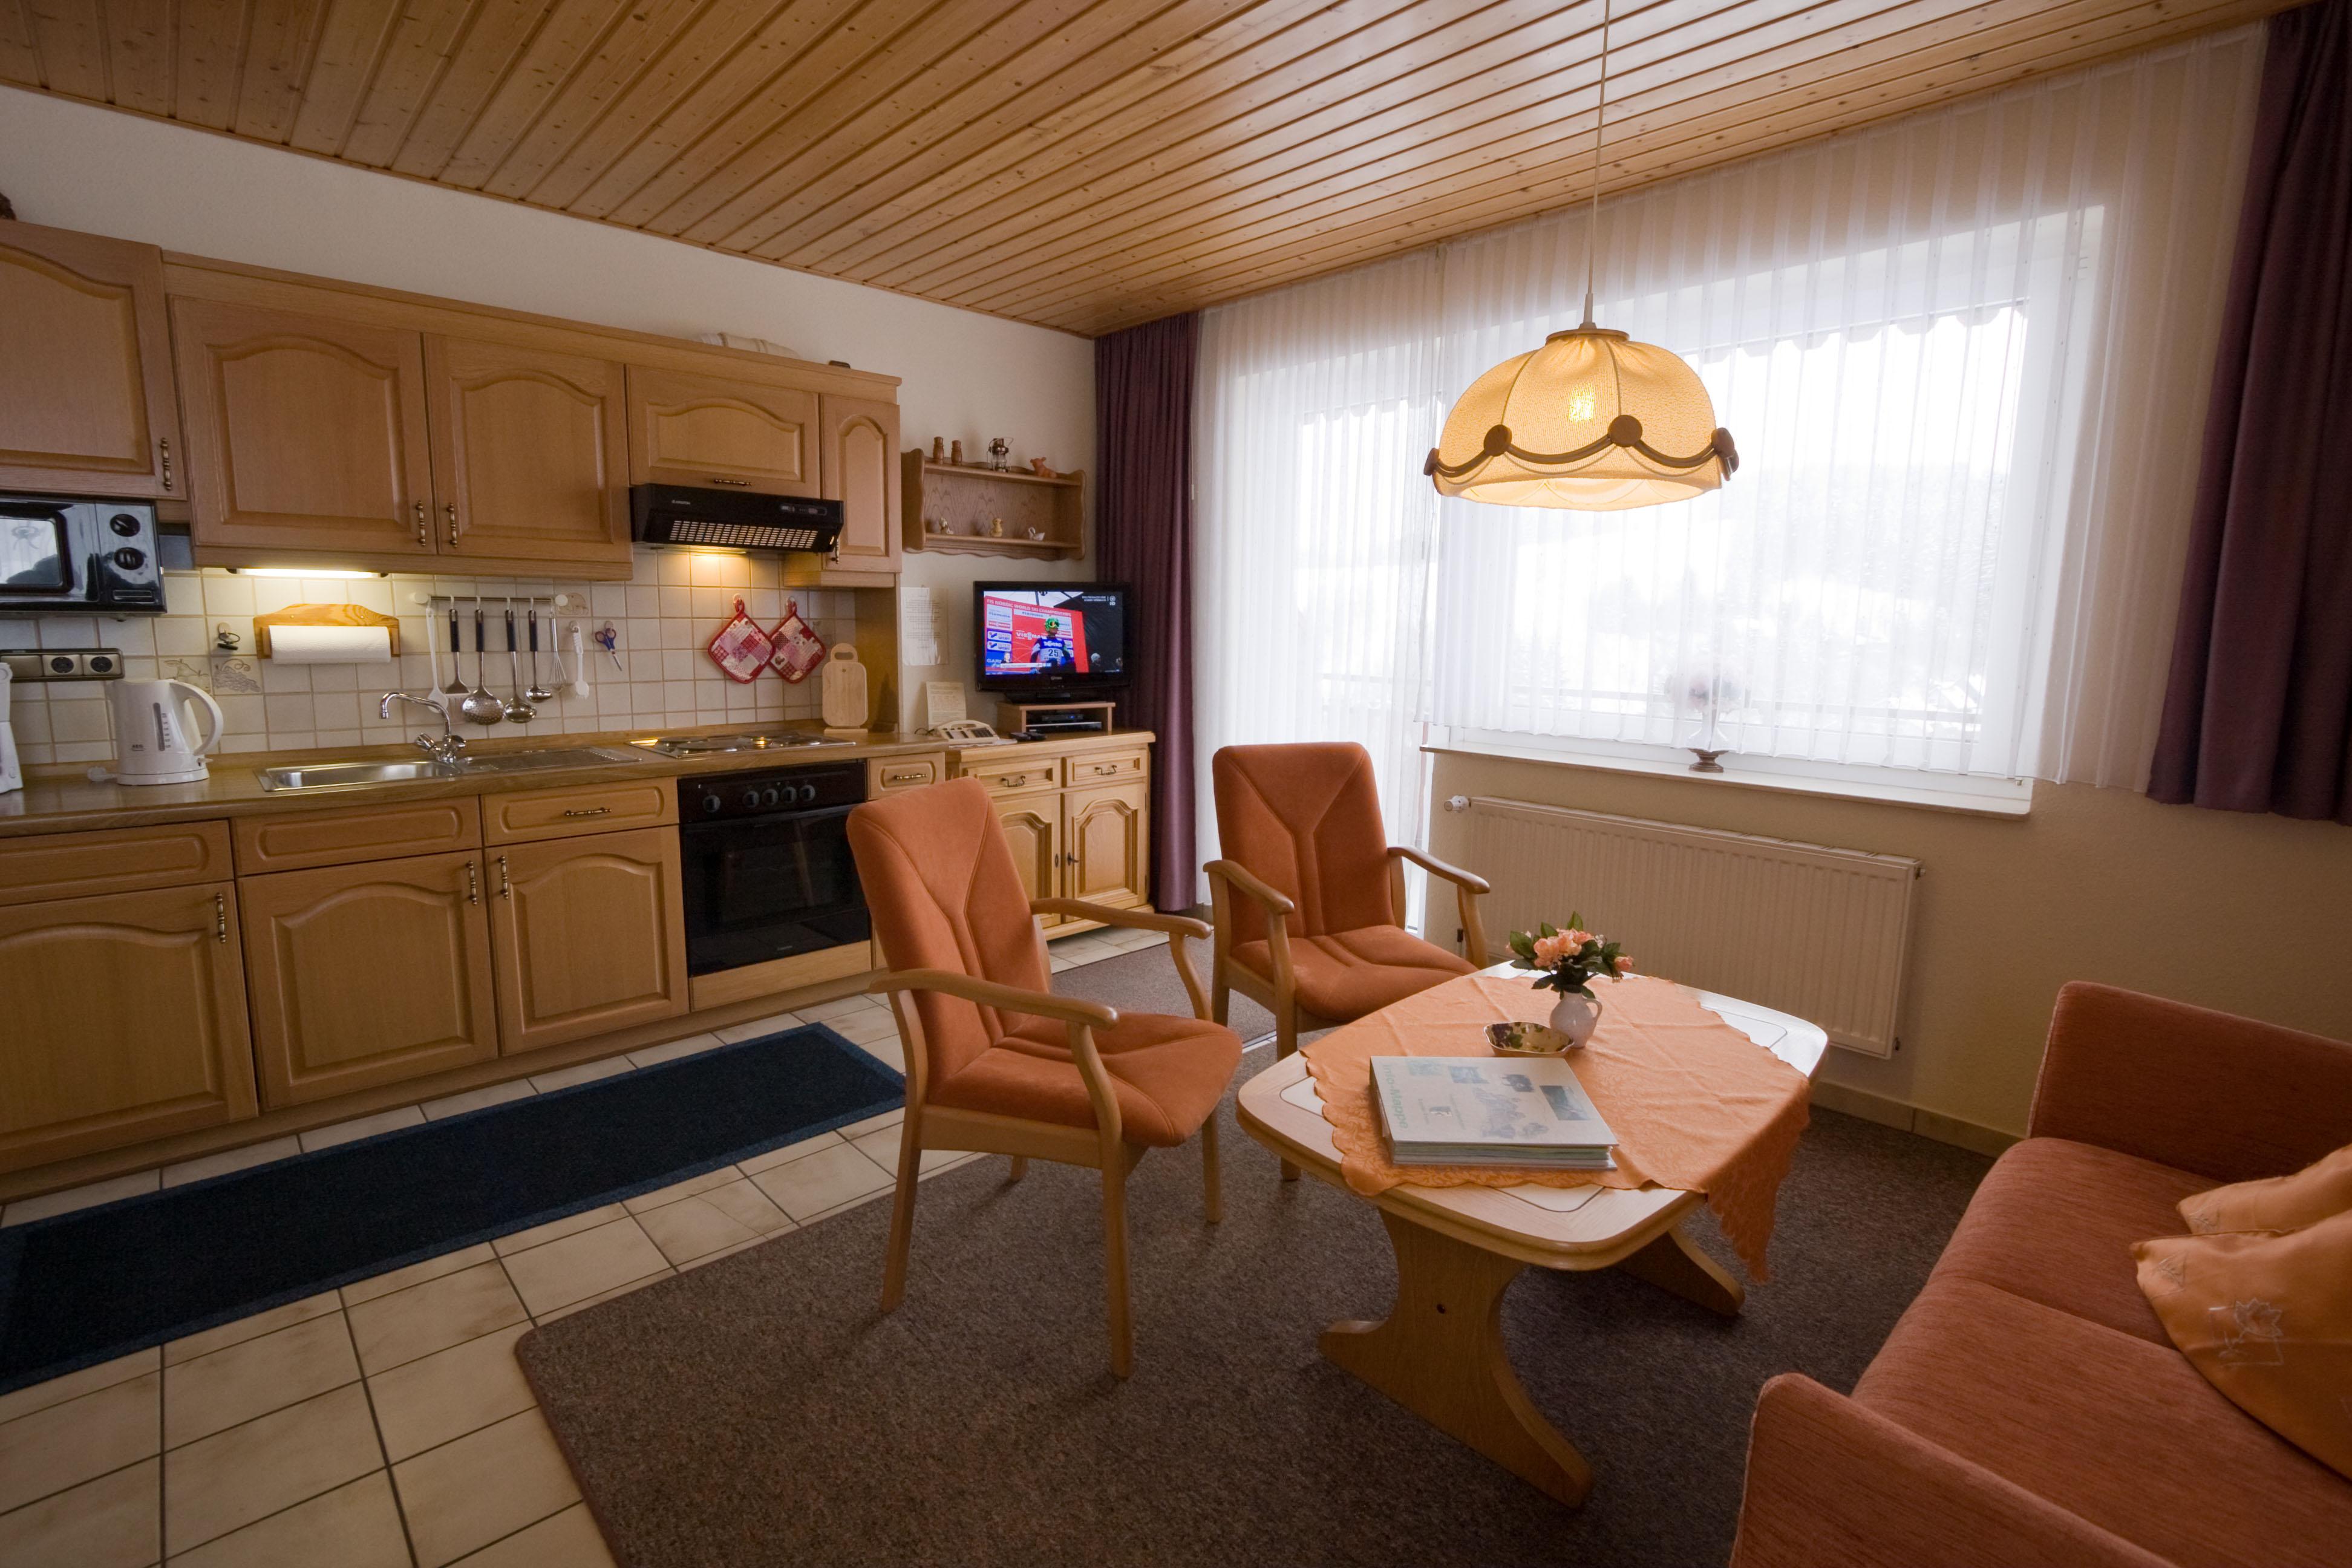 beschreibung der ferienwohnung 39 ferienwohnung 2 39 haus nietmann ferienwohnungen in altenau. Black Bedroom Furniture Sets. Home Design Ideas